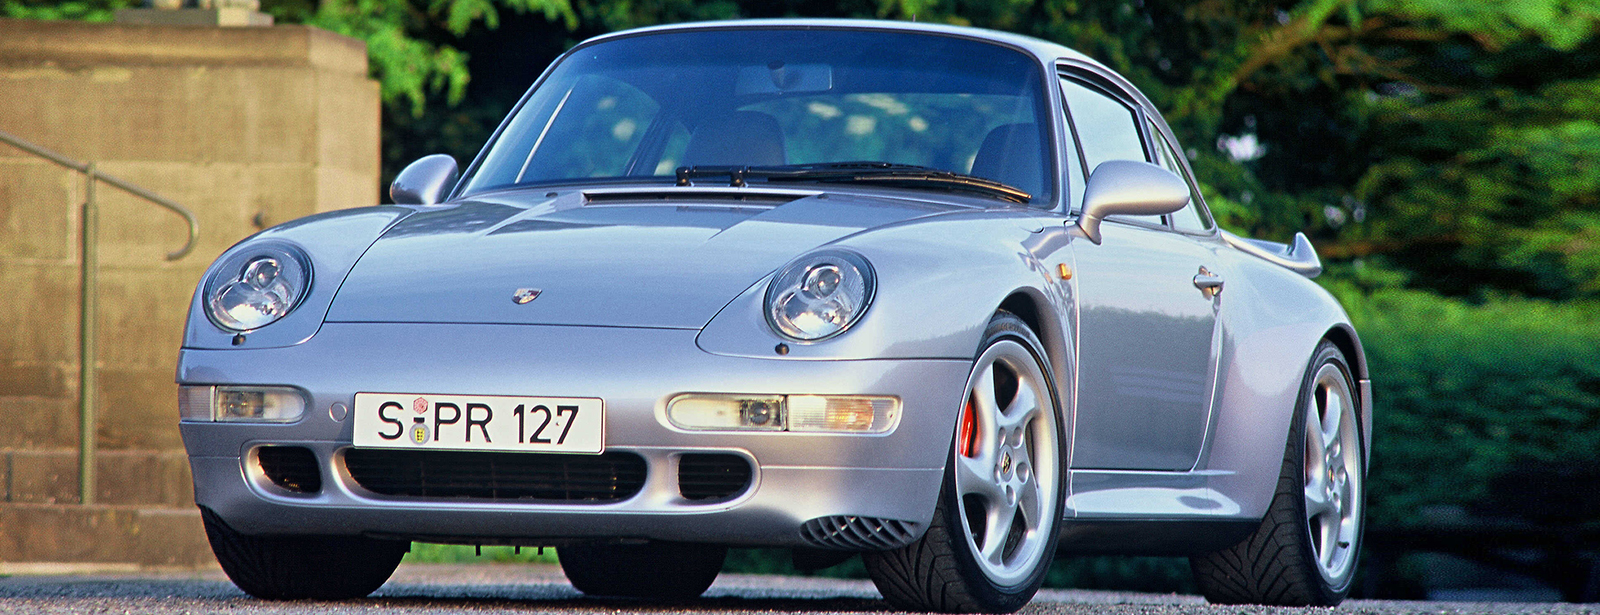 Porsche 993 Turbo - Porsche USA